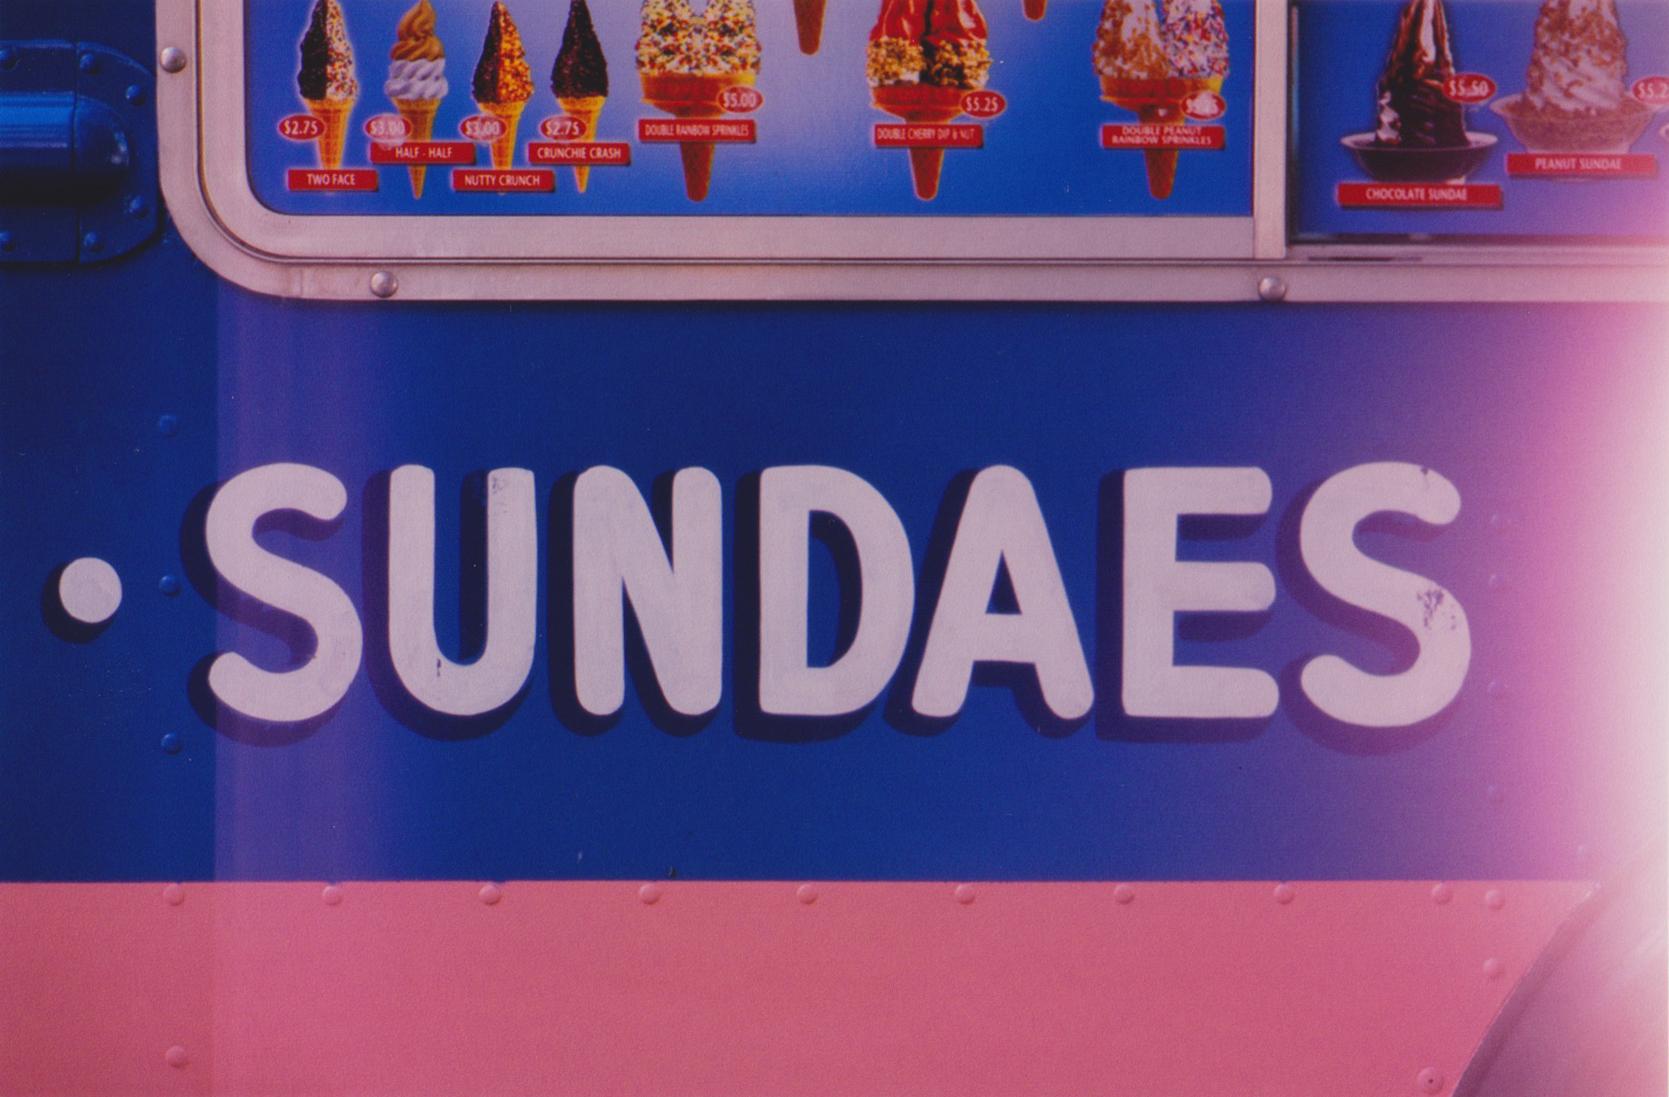 sundaes_analogue.jpg